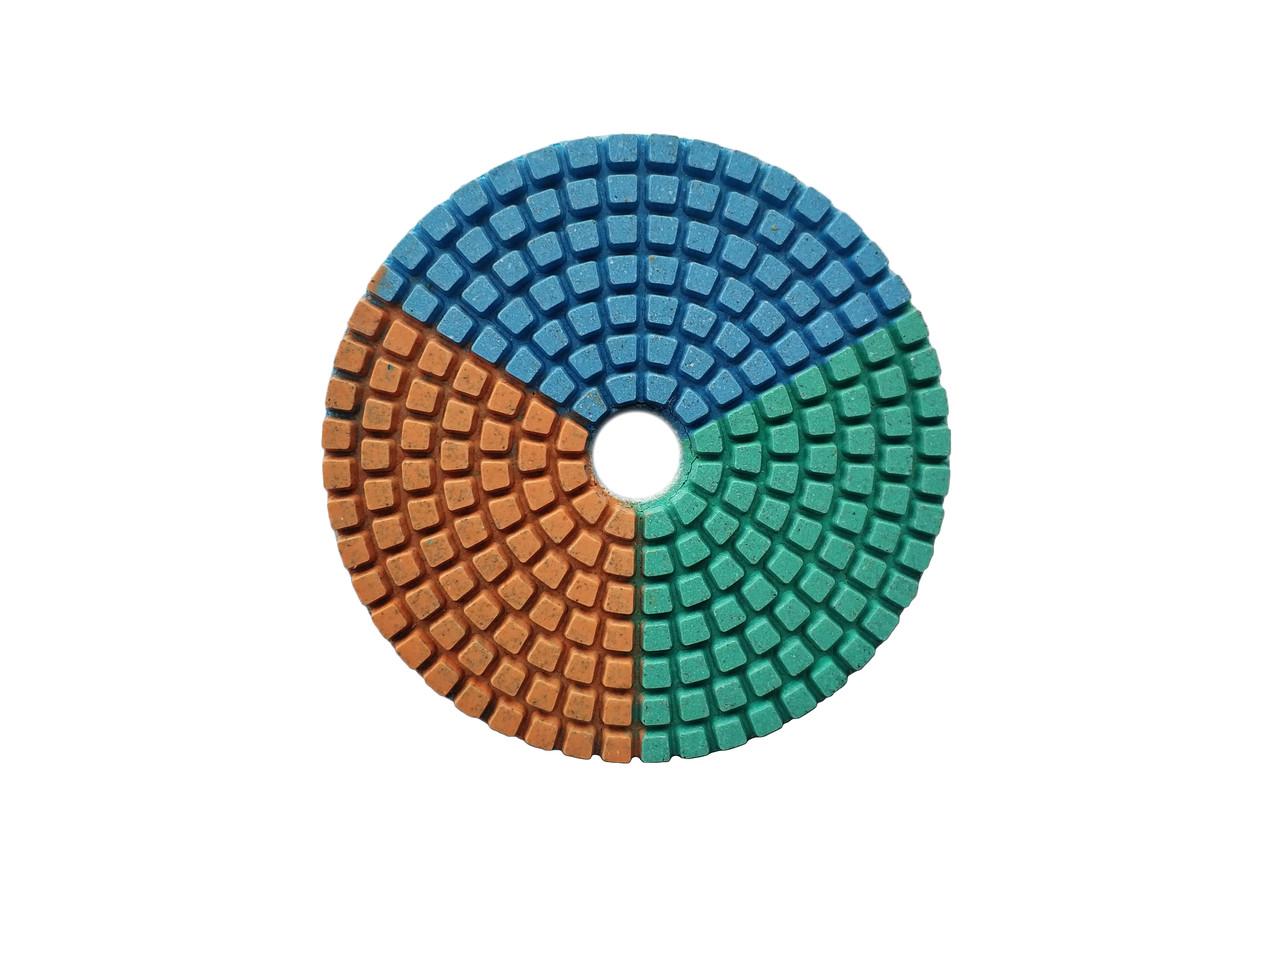 285-212 Диск алмазний грунчкий CRAFT 100*22,2мм, зерн. 120 - сухе/мокре шлиф. кам., бетон